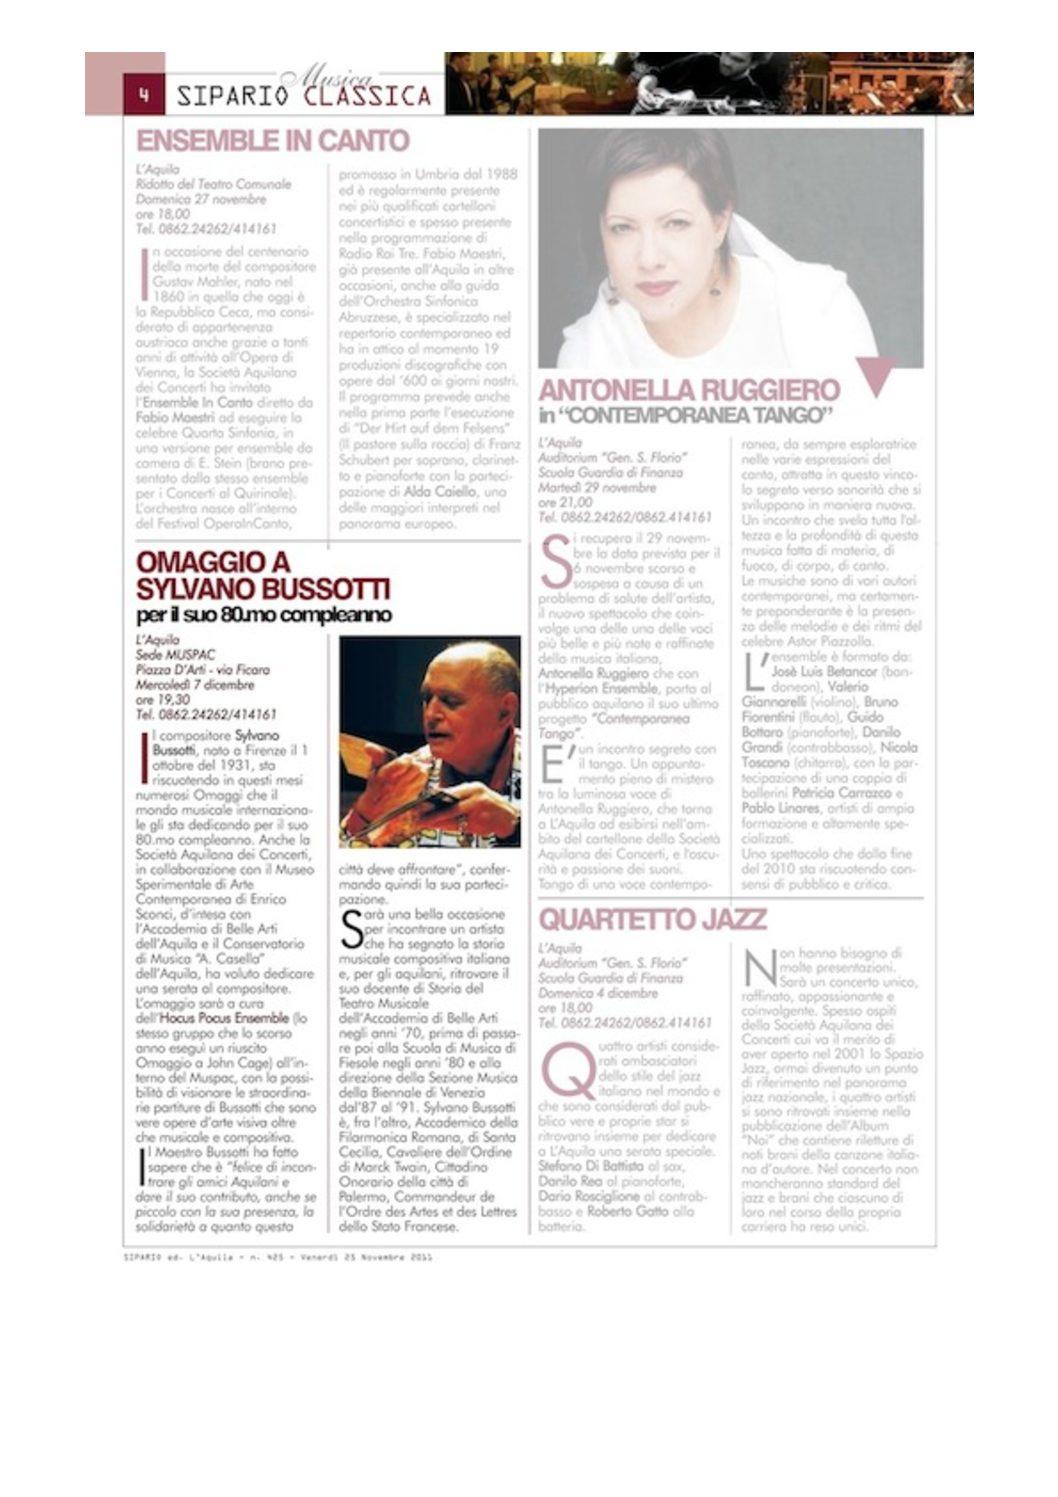 Sipario_25_11_20111 (trascinato)